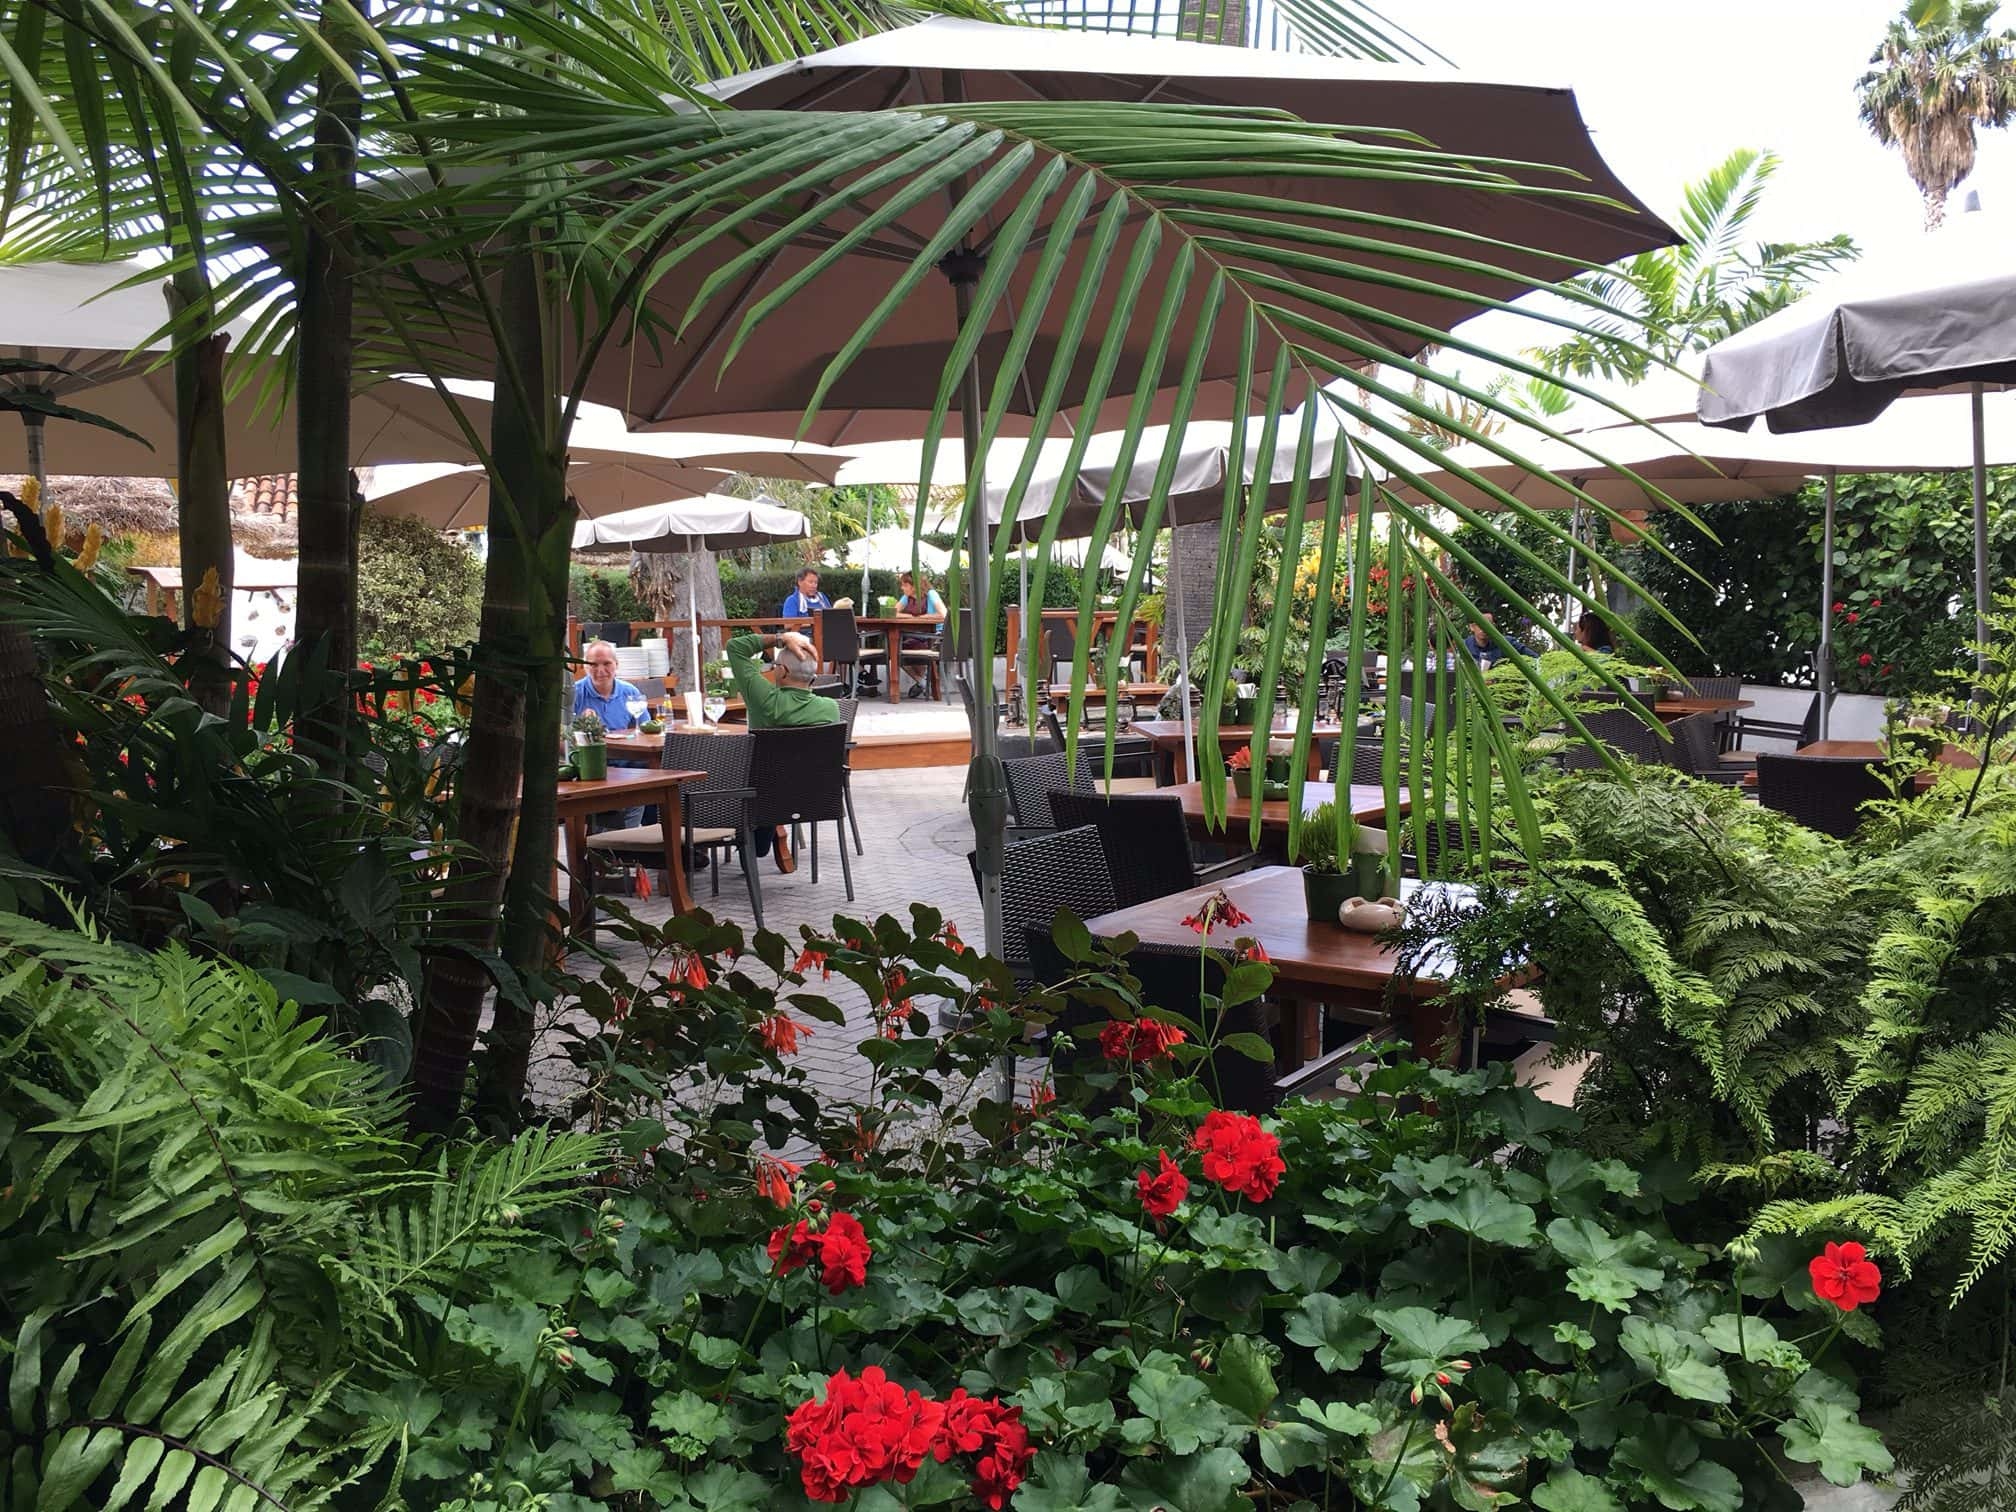 Tito 39 s bodeguita restaurant oase ber puerto de la cruz - Puerta de la cruz ...